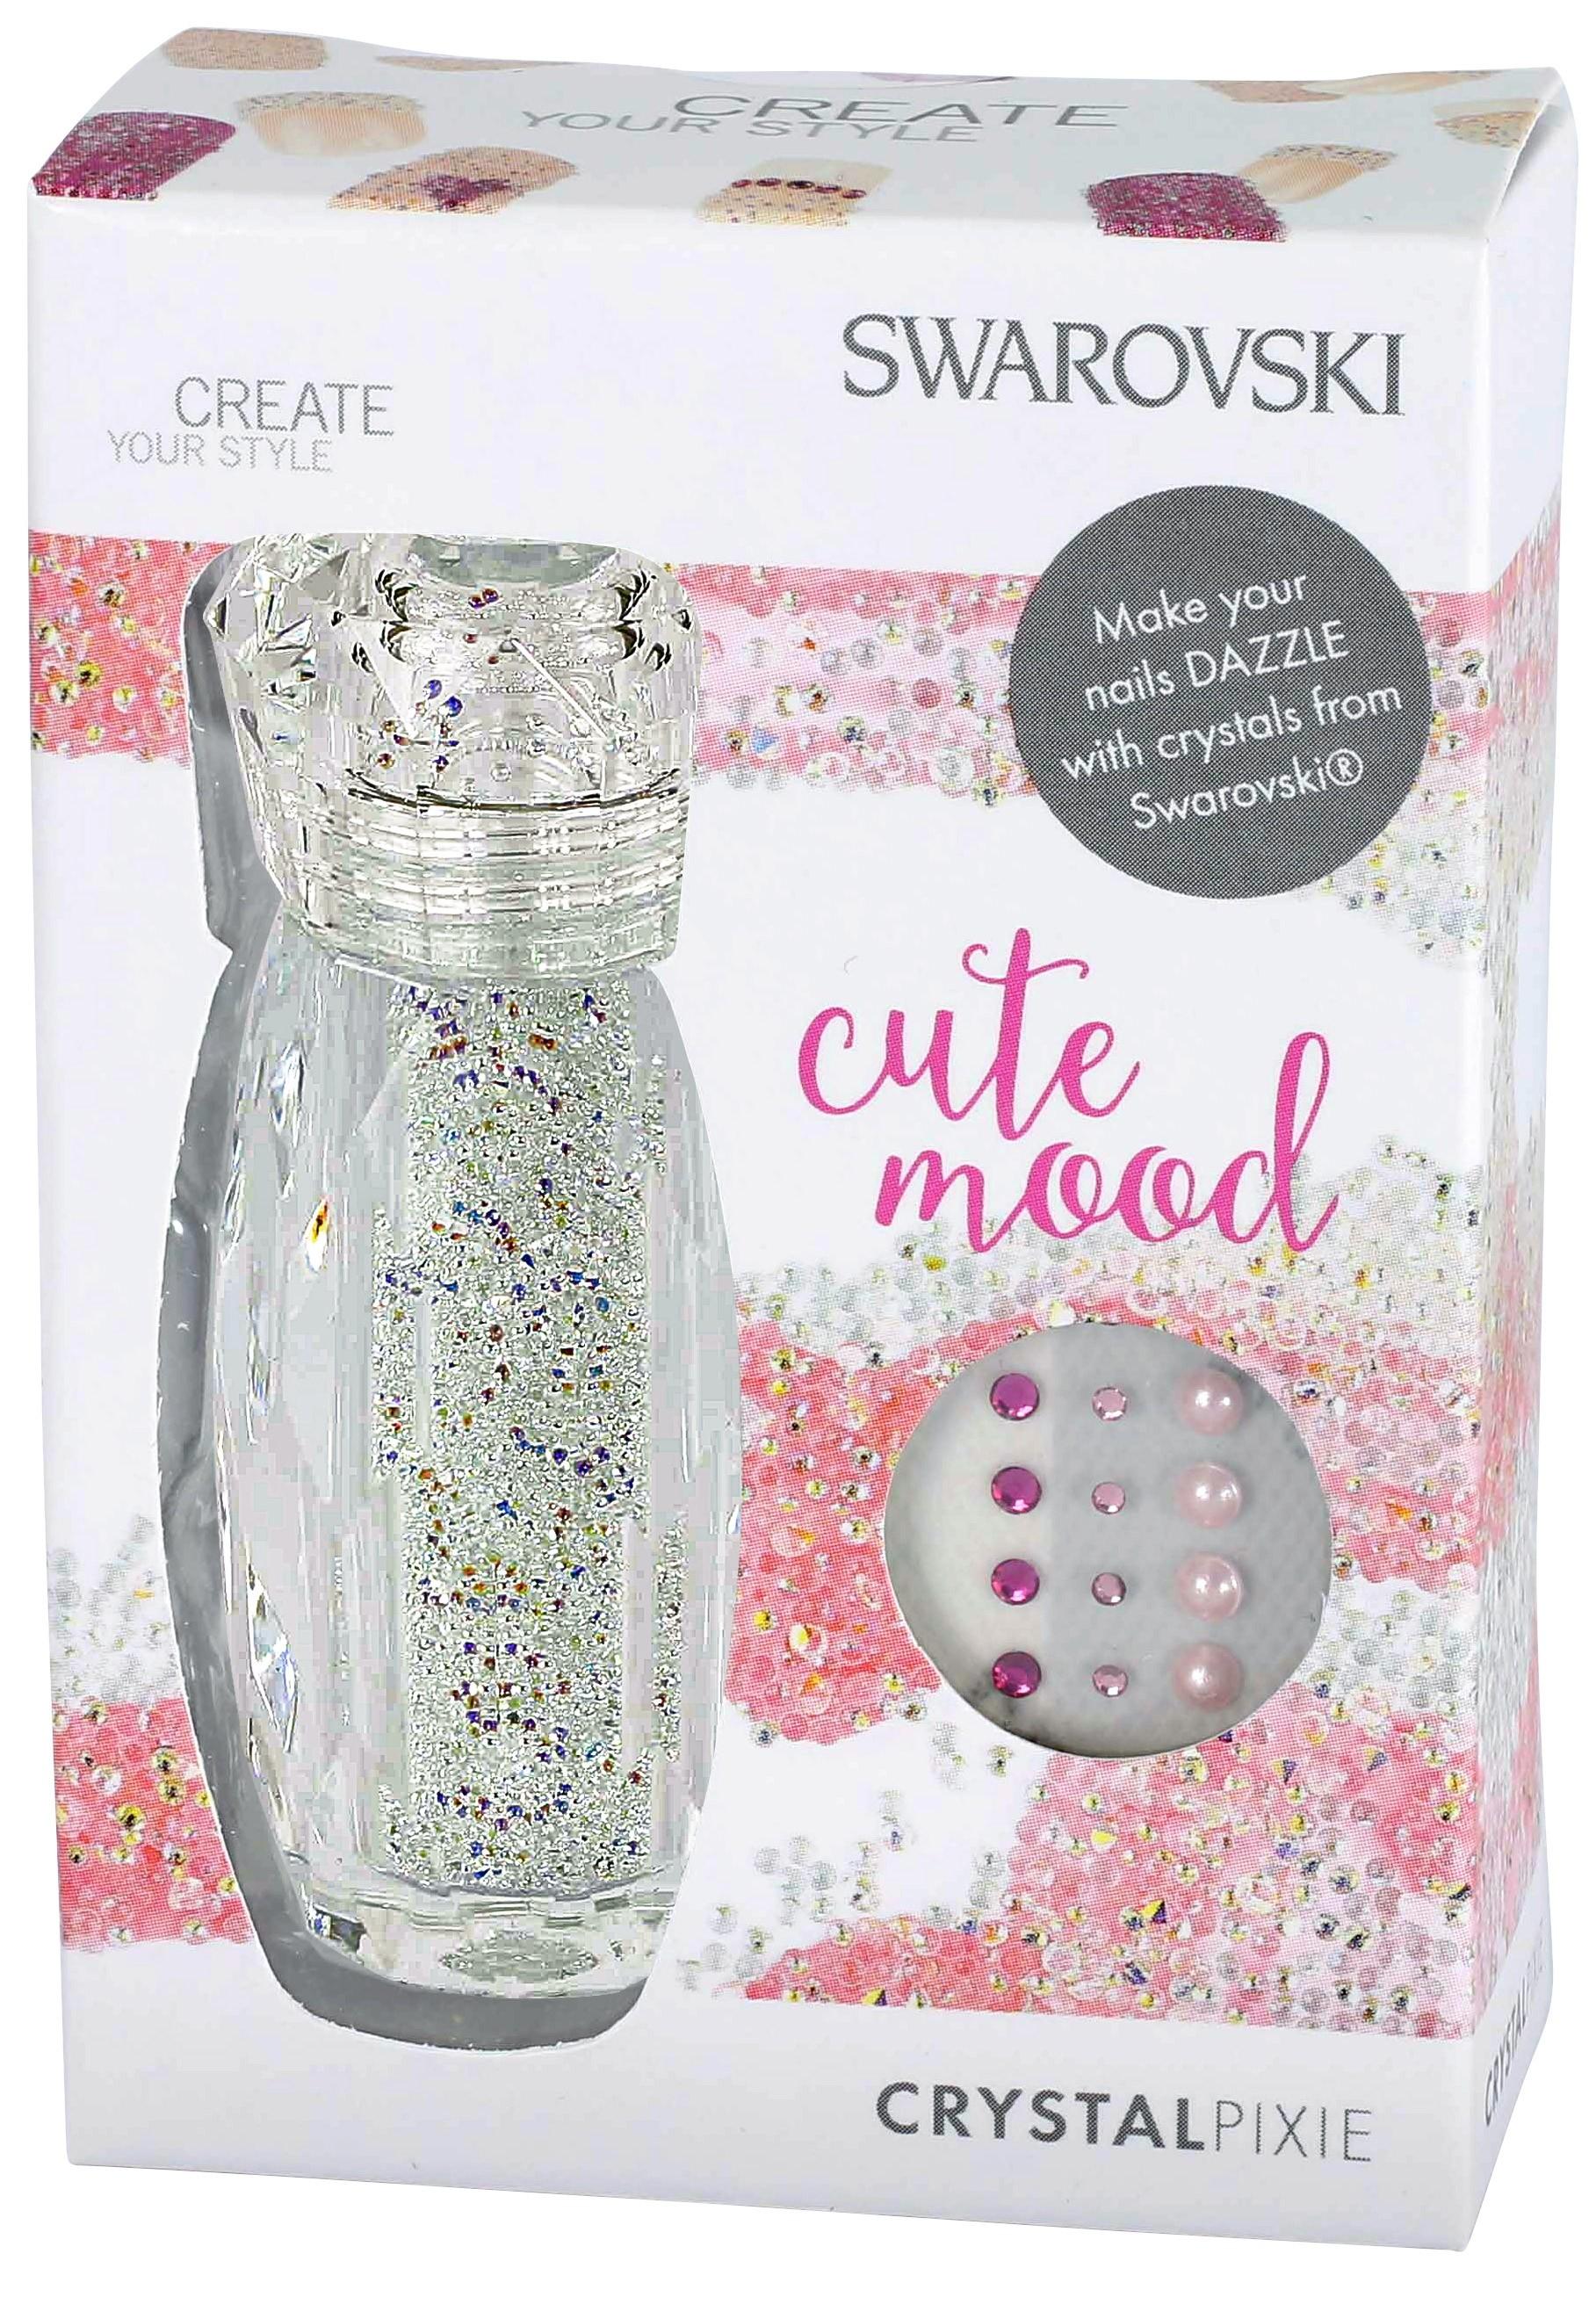 swarovski-crystal-pixie-cute-mood-nail-kit_5230633_1.jpg